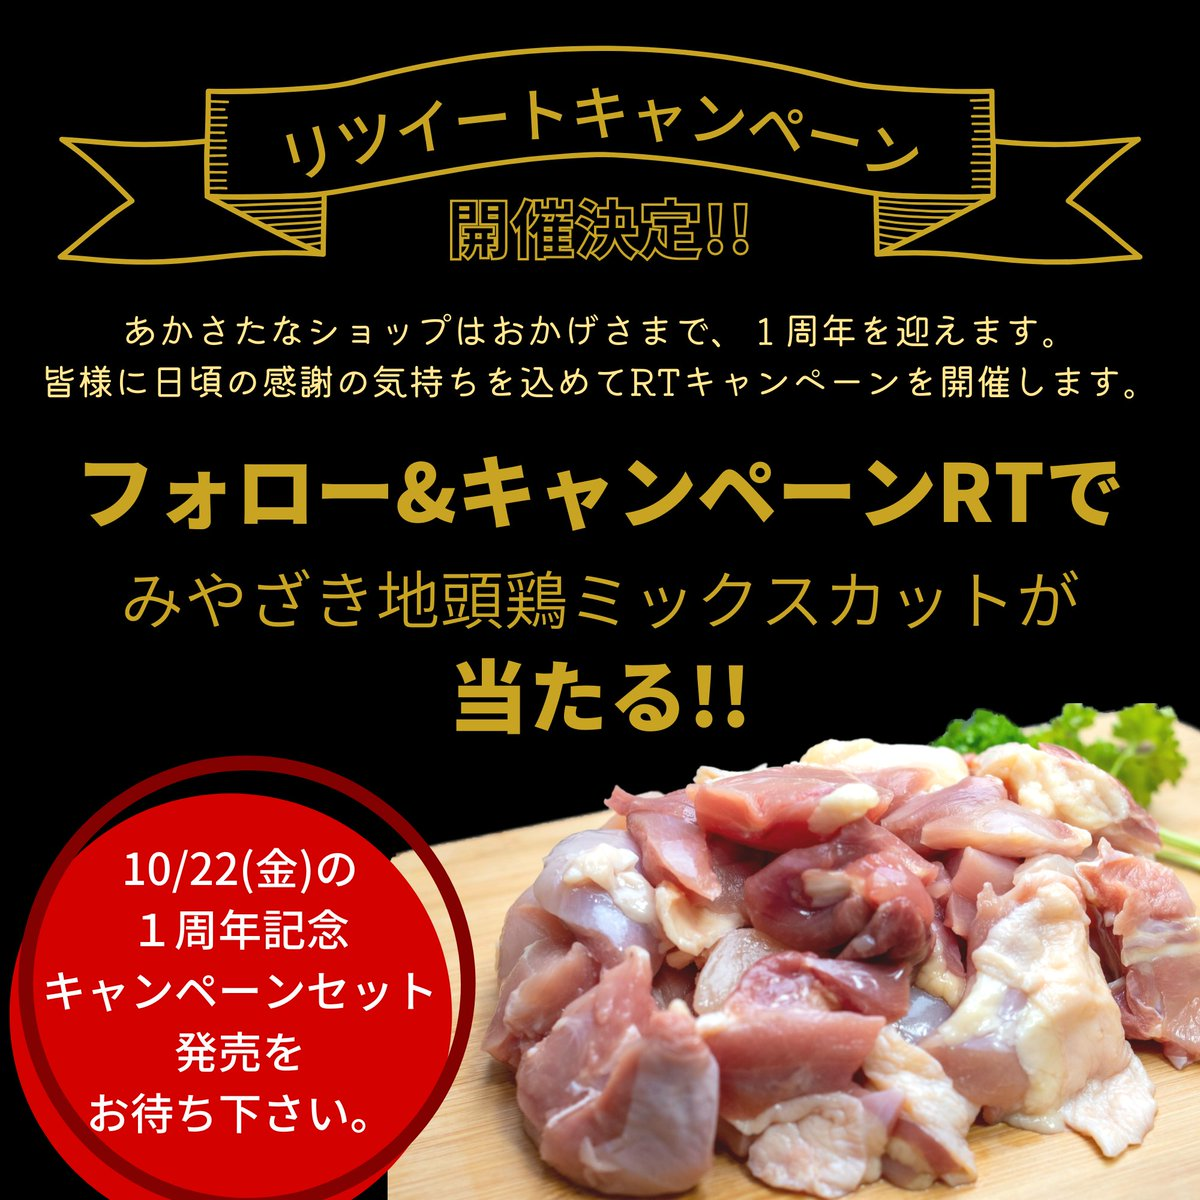 あかさたなショップ@宮崎県ブランド地鶏地頭鶏(じとっこ)販売様が開催中のキャンペーン画像12451